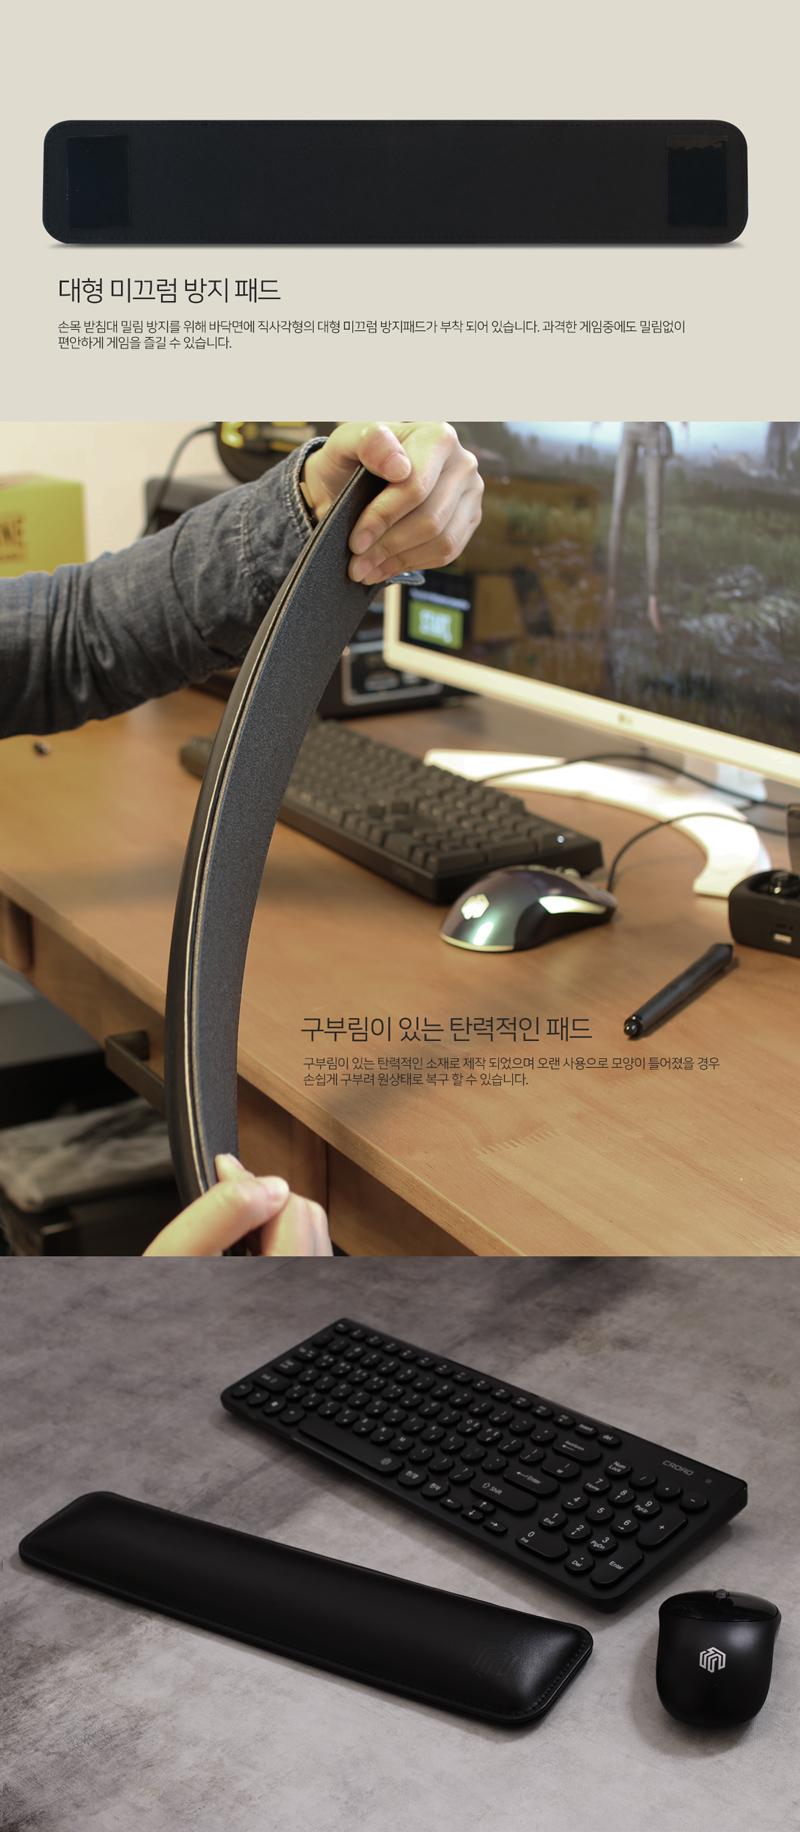 웨이코스 씽크웨이 CROAD X36 키보드 손목 보호 받침대 (텐키리스용)